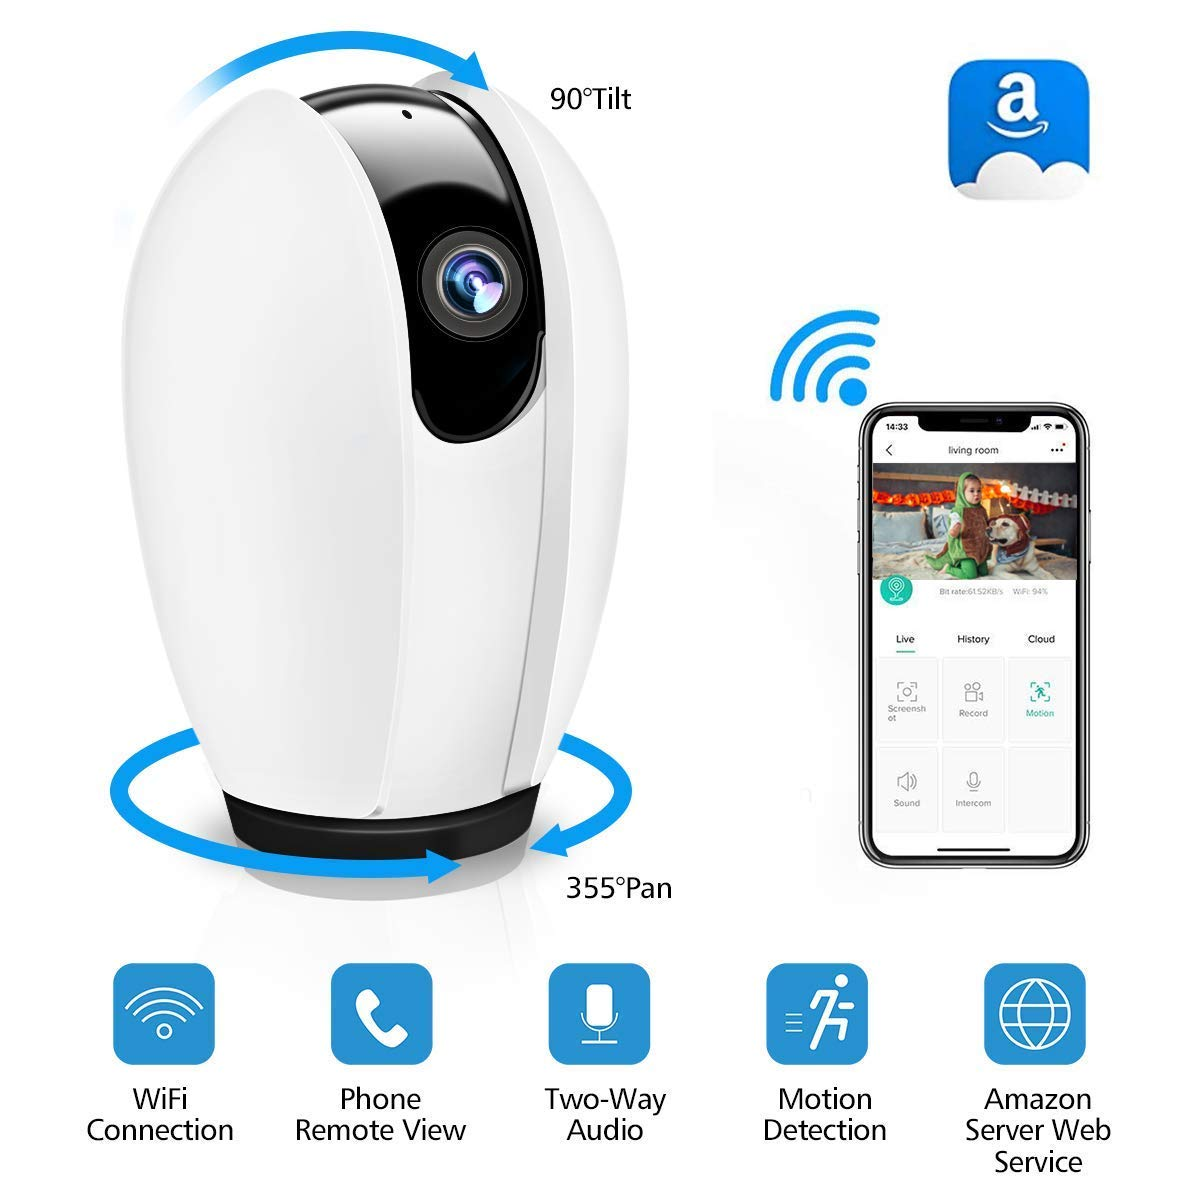 Caméra de Surveillance WiFi Intérieure,Camera IP sans Fil Bébé,HD 720P Caméra de Sécurité Interieure,Vision Nocturne,Alerte de Détection de Mouvemente,Surveillance en Temps Réel pour Android/iOS/PC